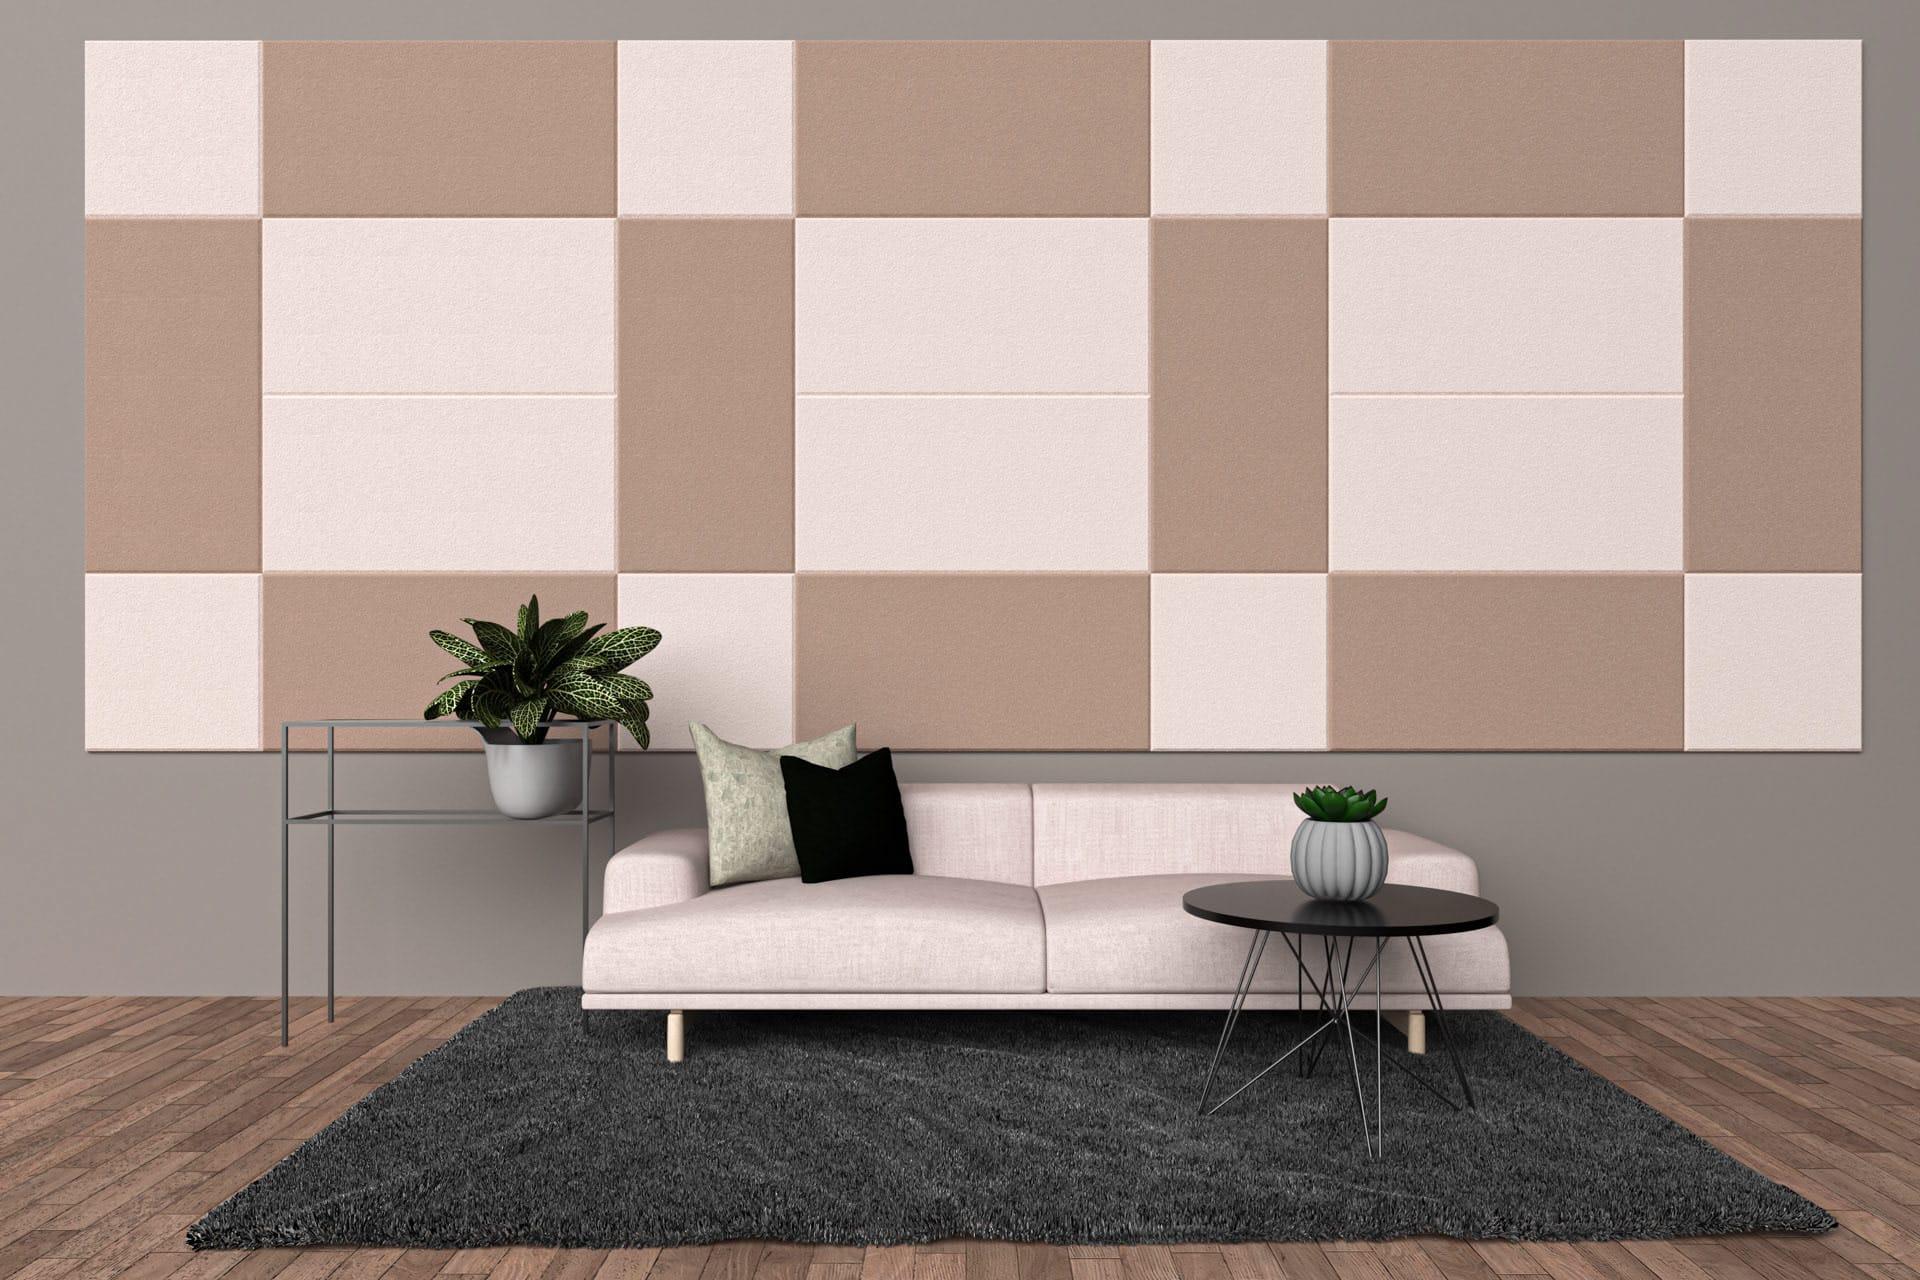 Panele dekoracyjne dźwiękochłonne w kształcie kwadratów i prostokątów na ścianie w salonie